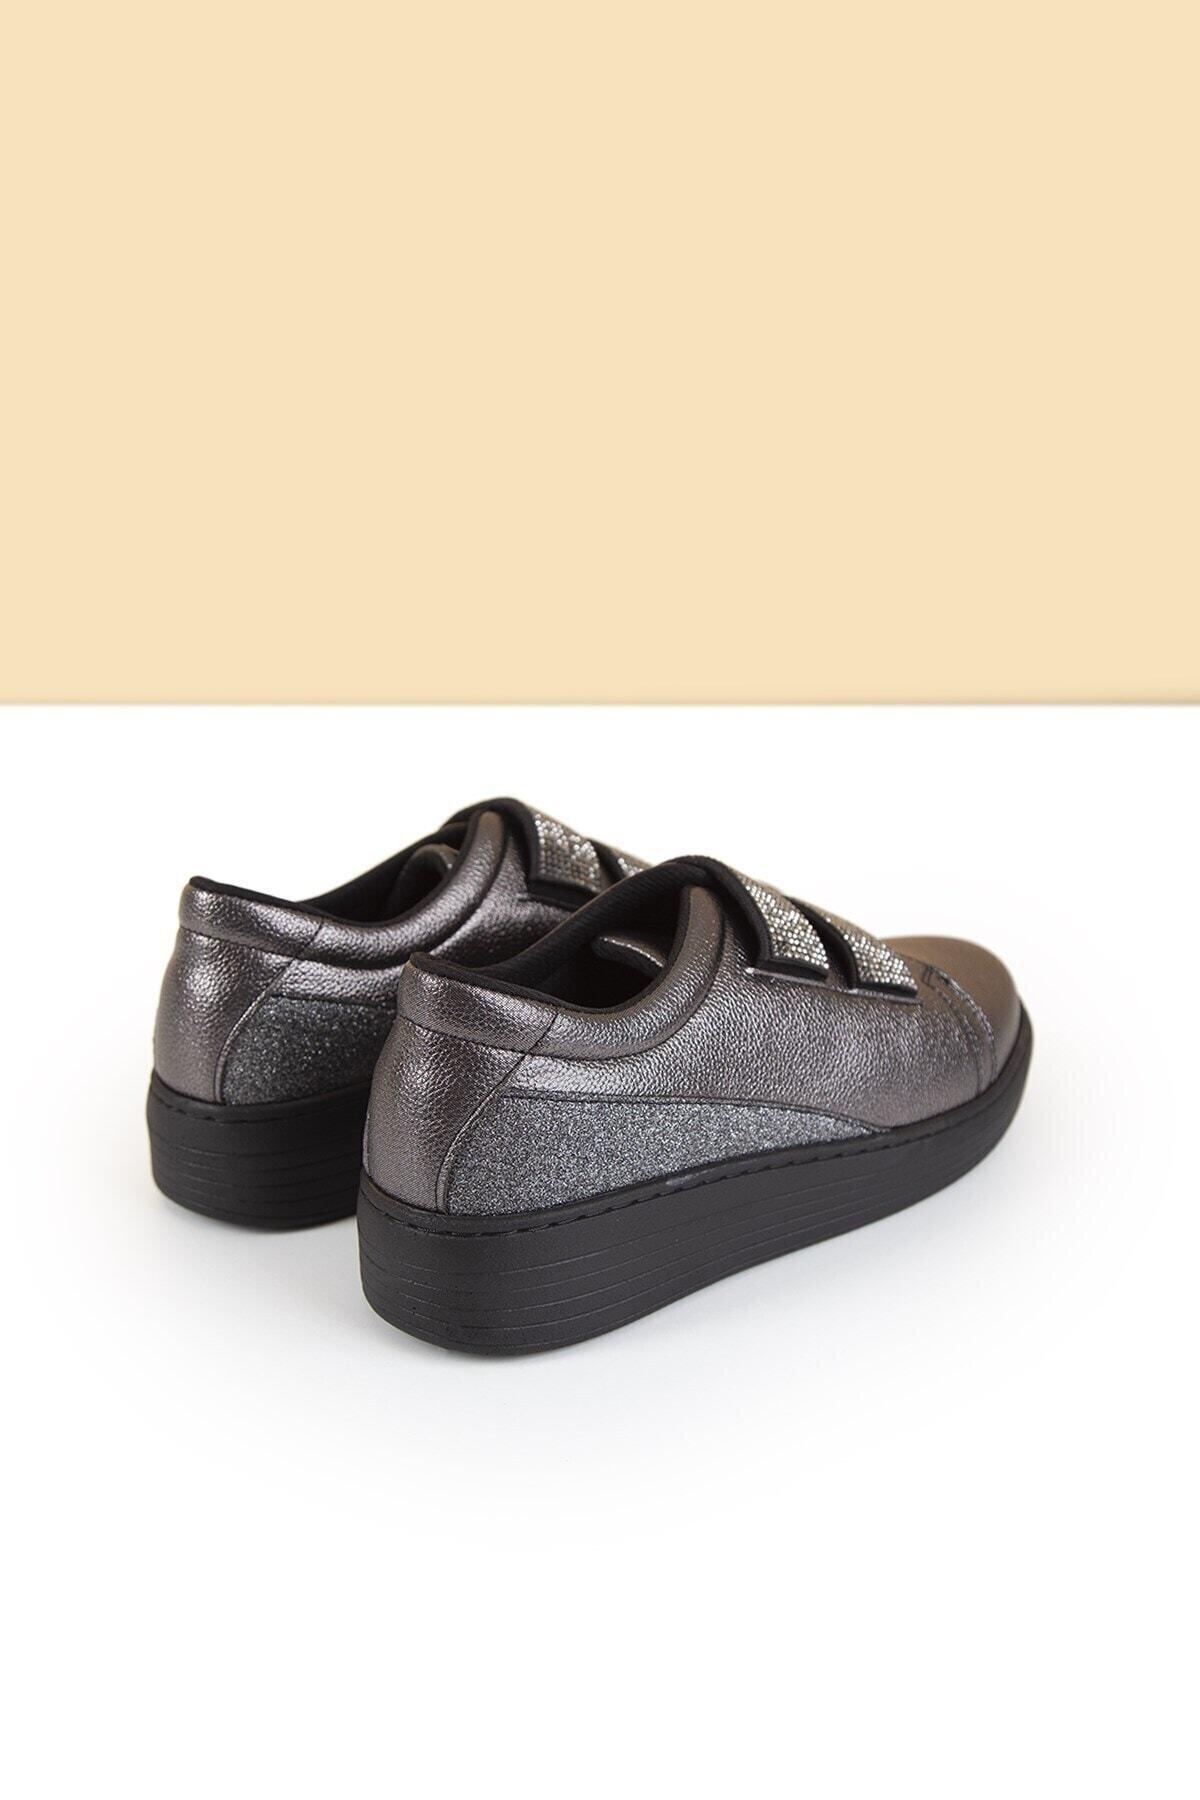 Pierre Cardin Kadın Günlük Streç Ayakkabı Platin Gri 2